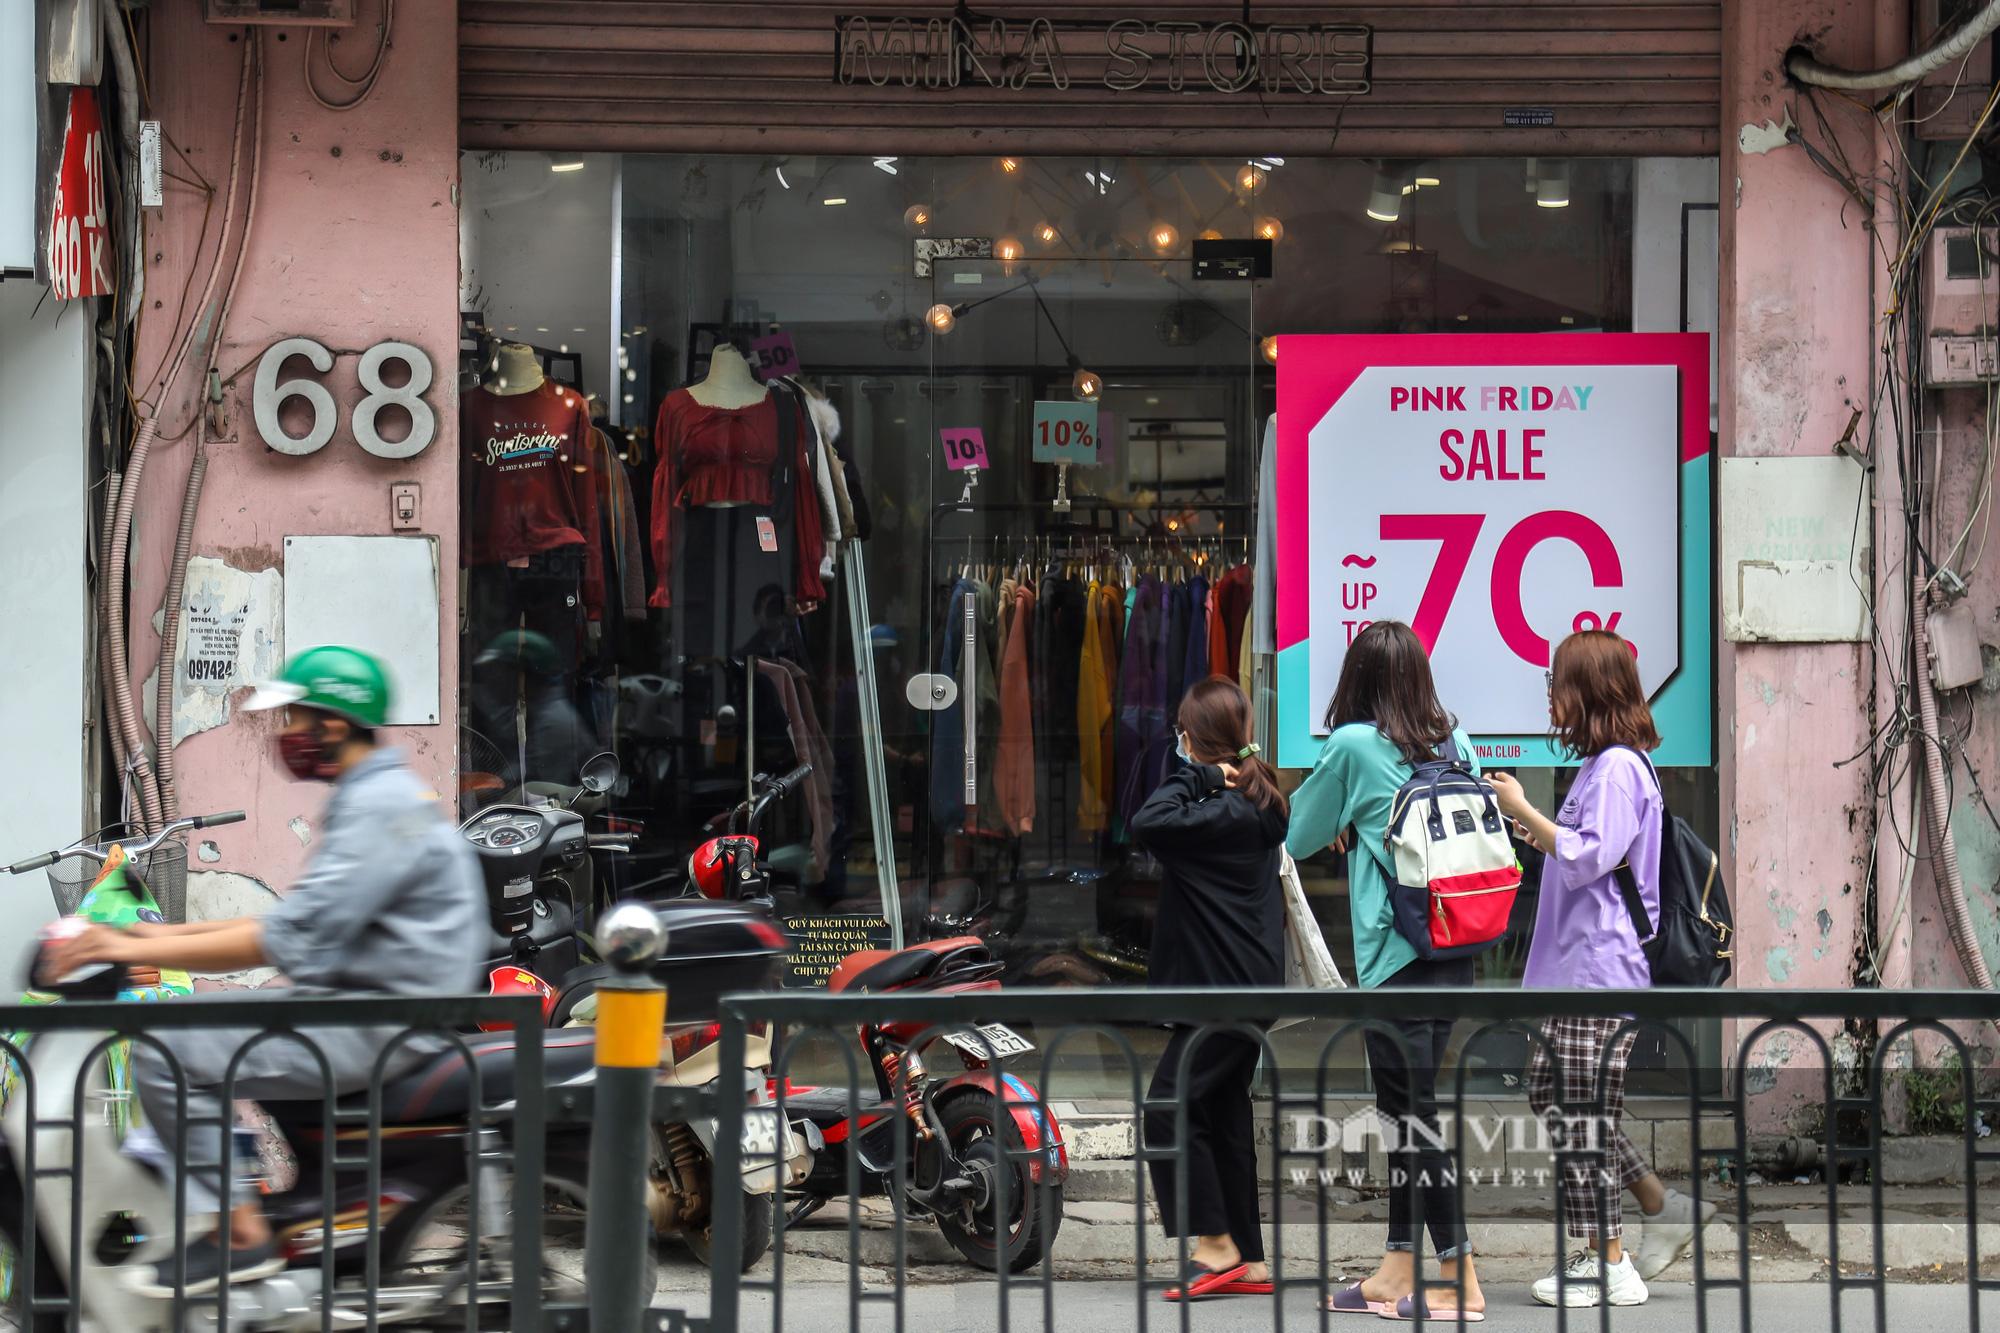 Phố thời trang Hà Nội rợp biển giảm giá 80% dù chưa đến Black Friday - Ảnh 2.